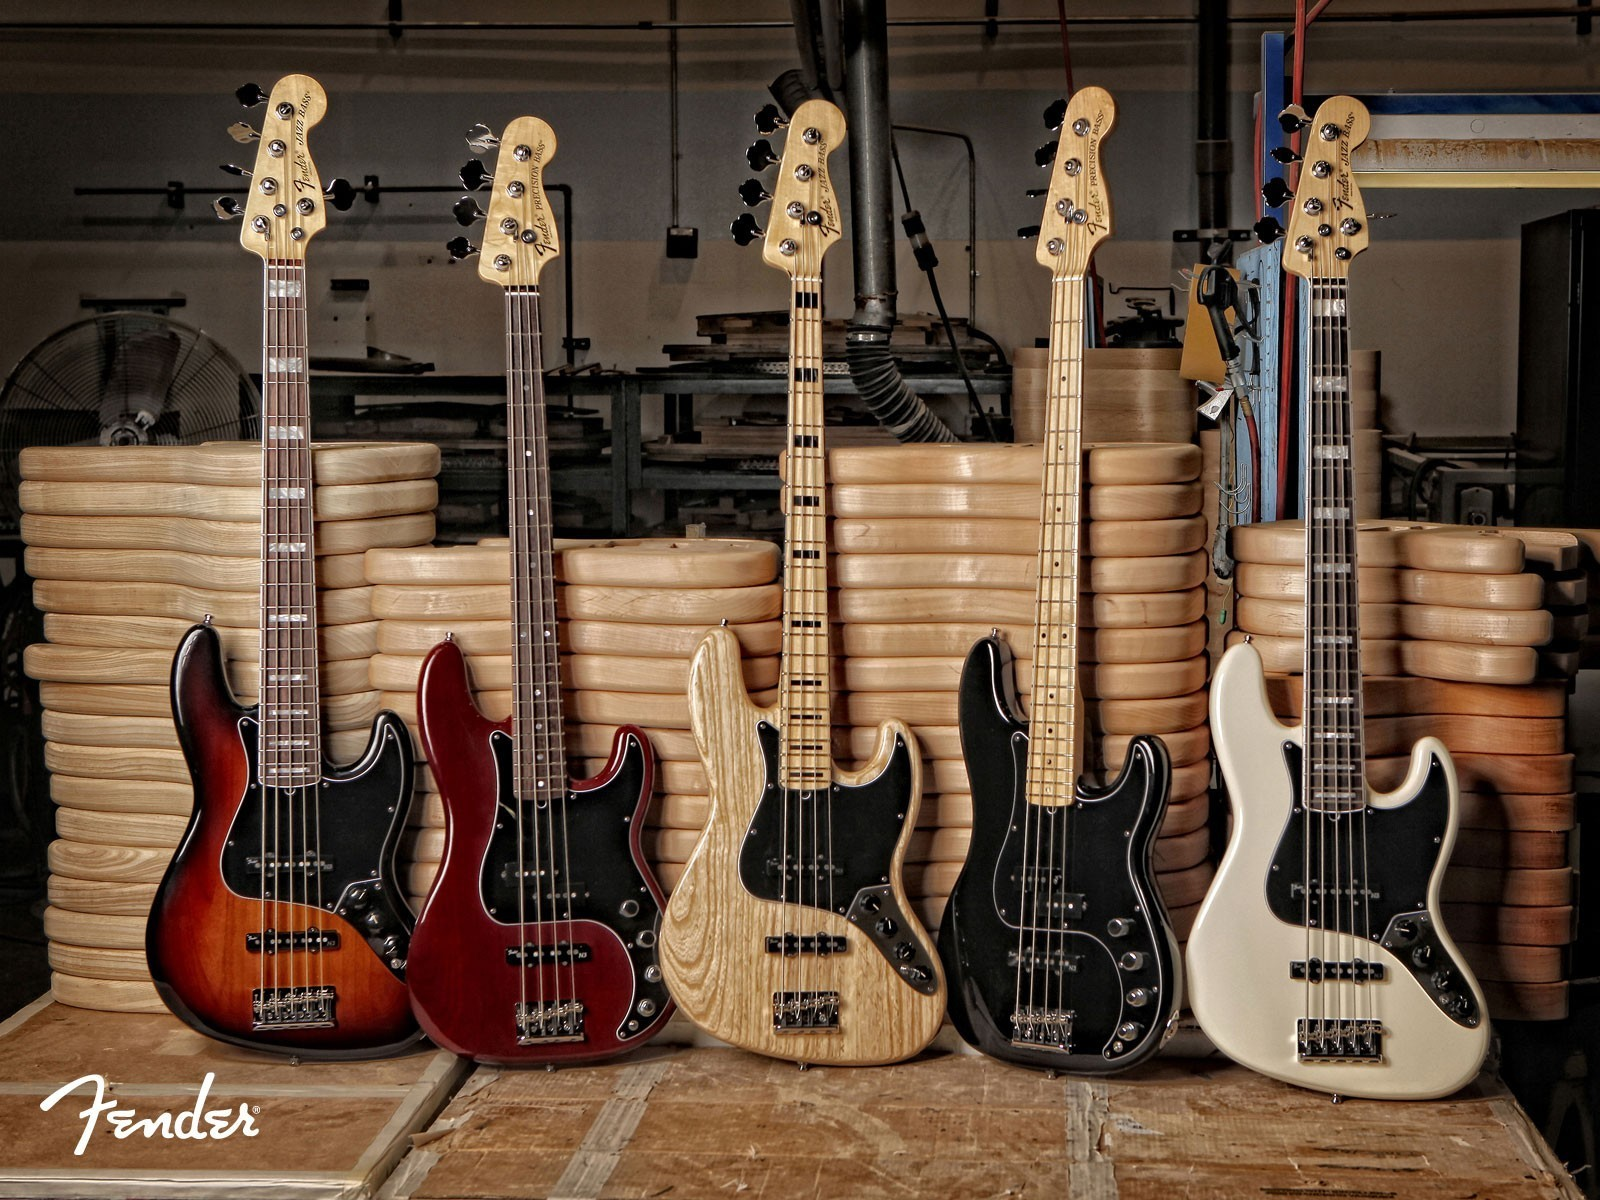 Fender Guitar Bass Wallpaper Desktop Wallpaper WallpaperLepi 1600x1200